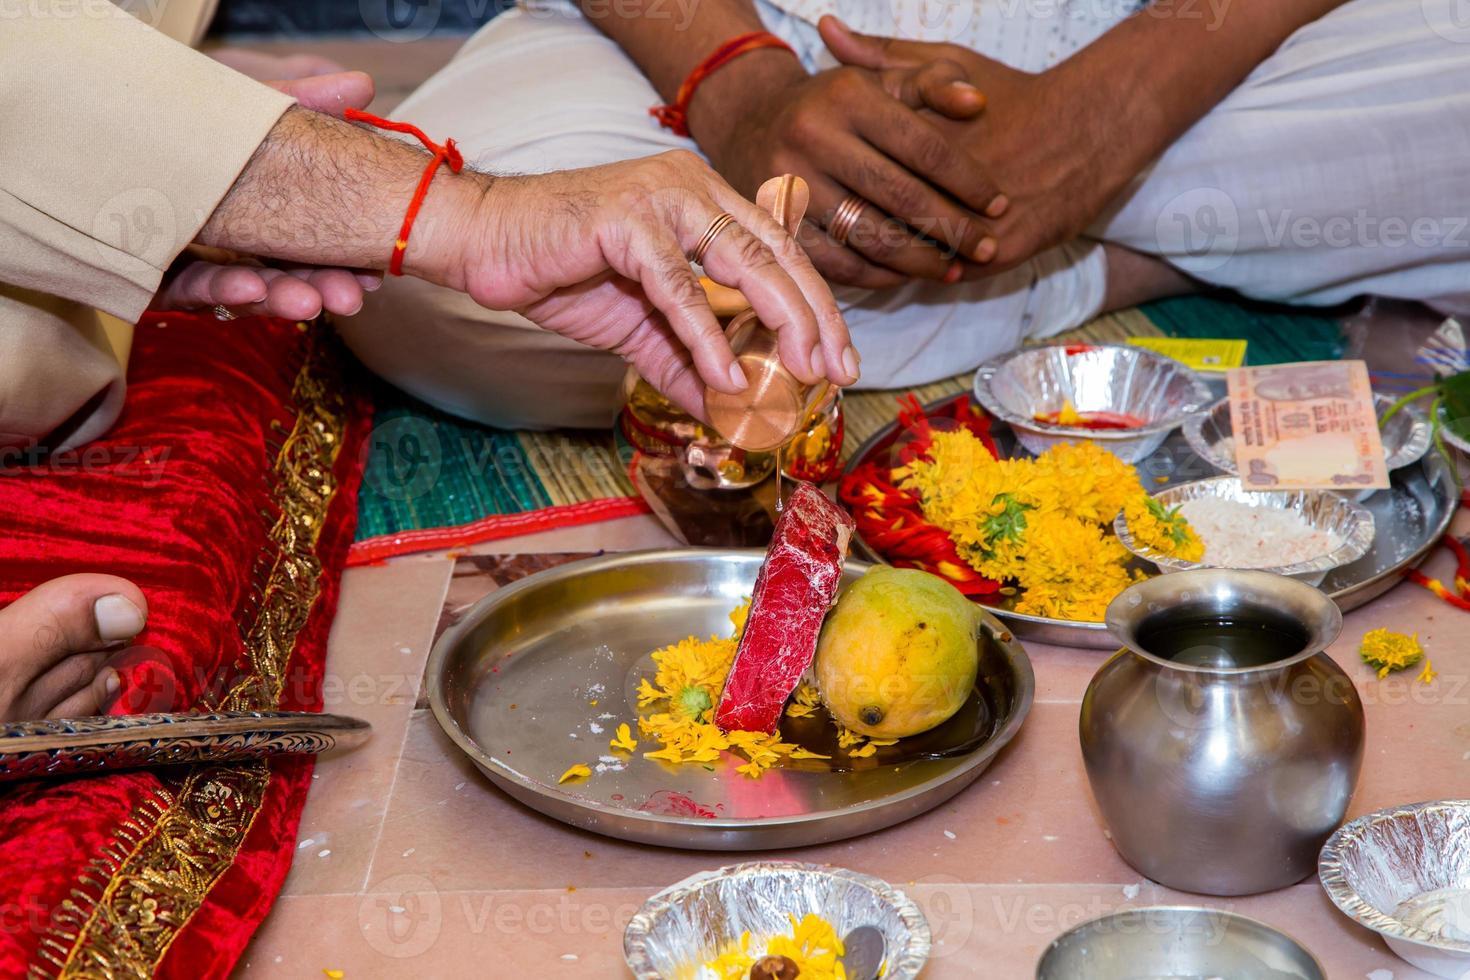 hängivenhet och inbjudan för herre ganesha vid ett indiskt bröllop foto